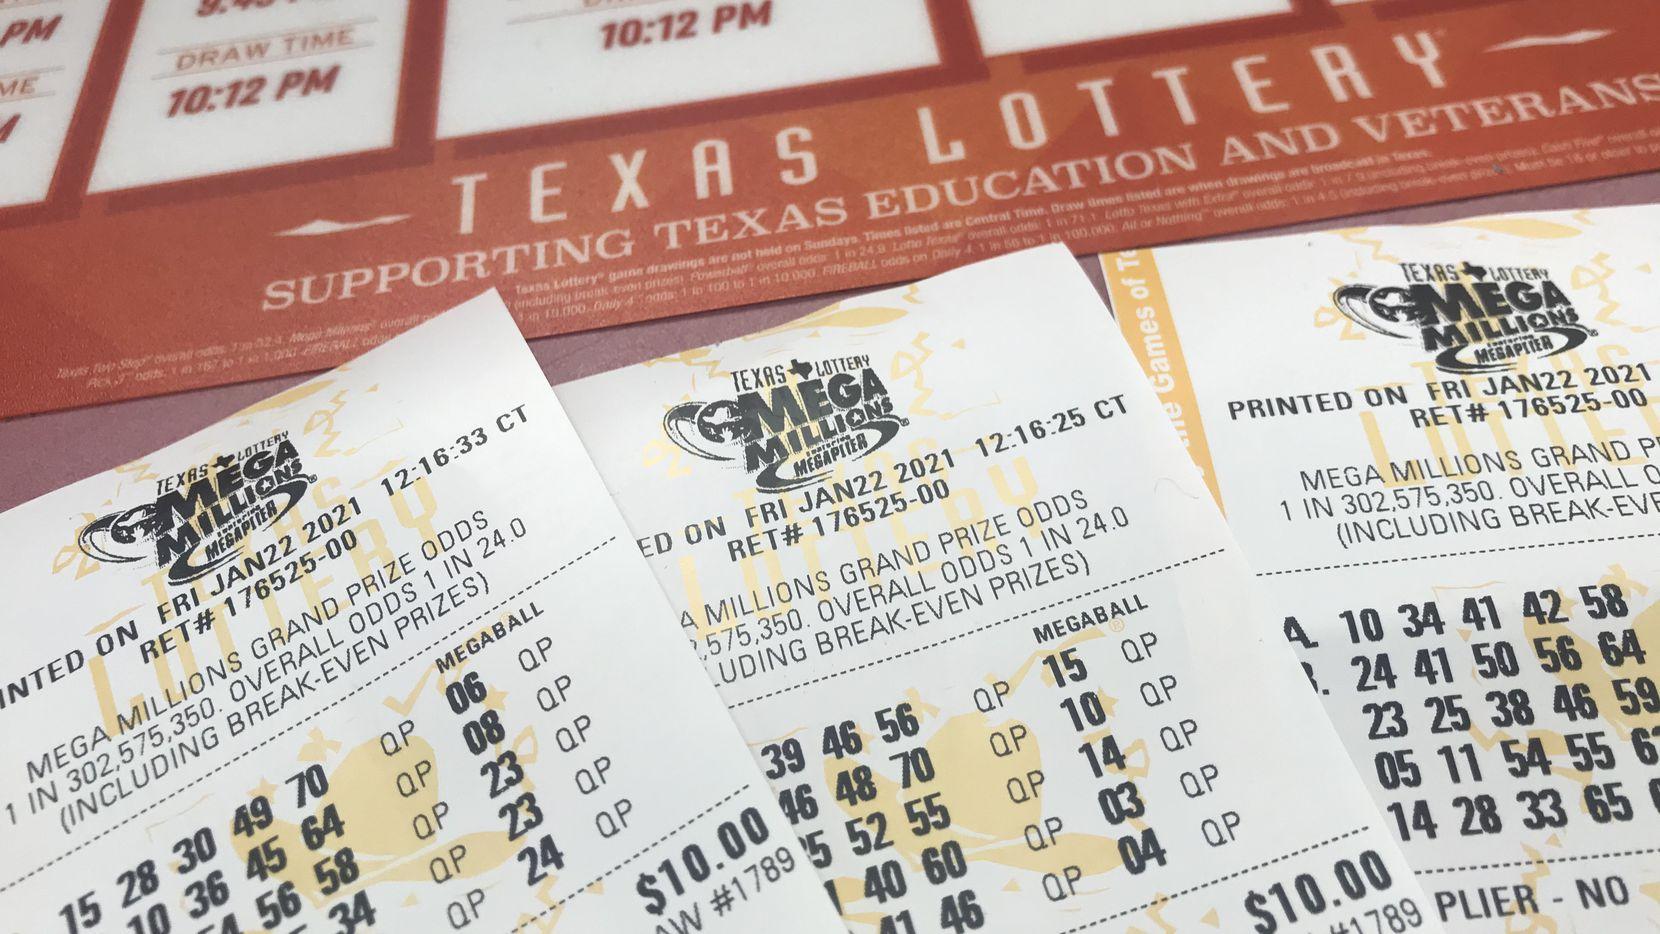 Boletos para el sorteo de Mega Millions con un premio mayor de $1,000 millones.